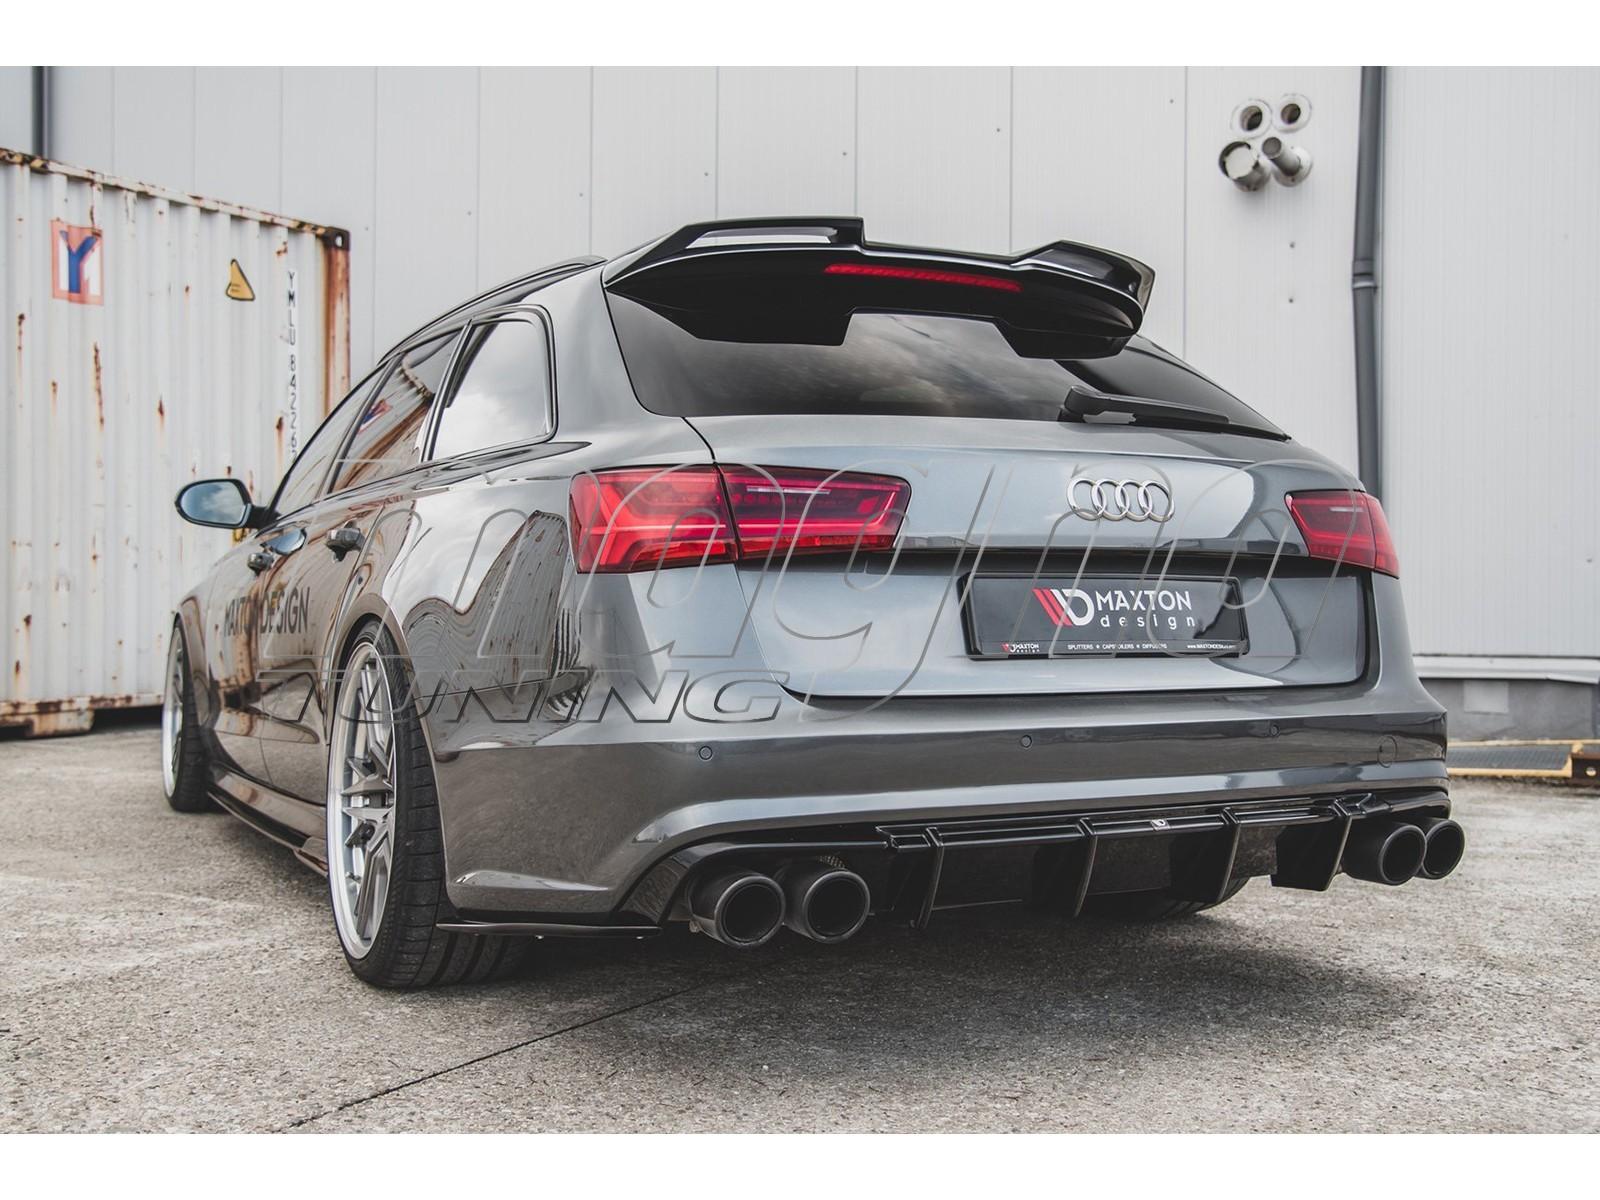 Audi A6 S6 C7 4g Facelift Monor Rear Bumper Extension